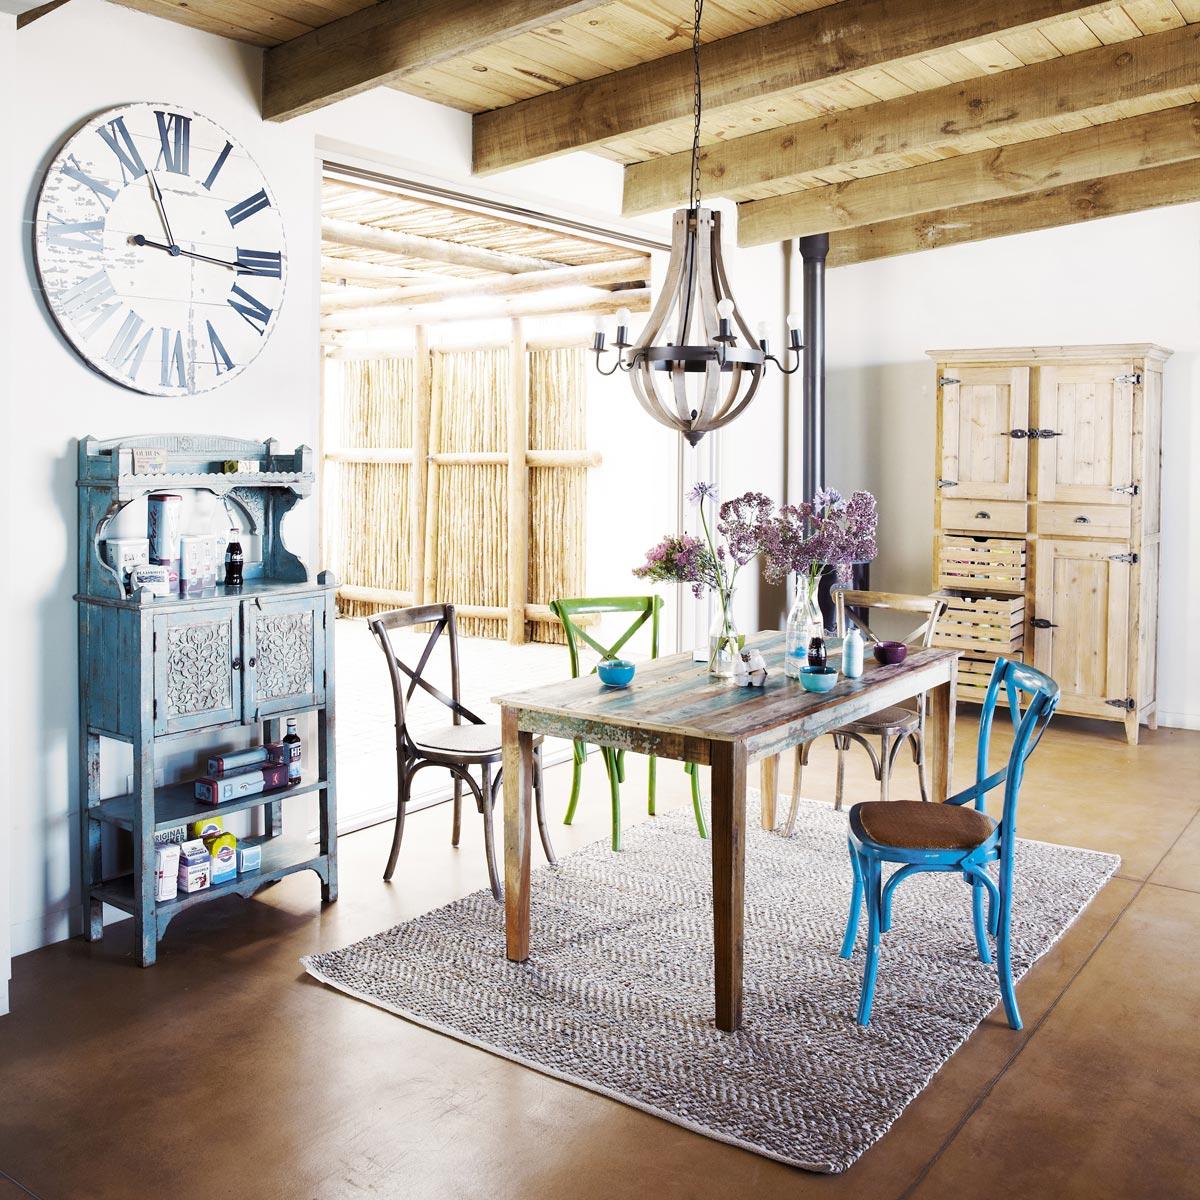 I lampadari shabby chic secondo maisons du monde; Cucine Maison Du Monde Accessori E Mobili In Stile Shabby Foto